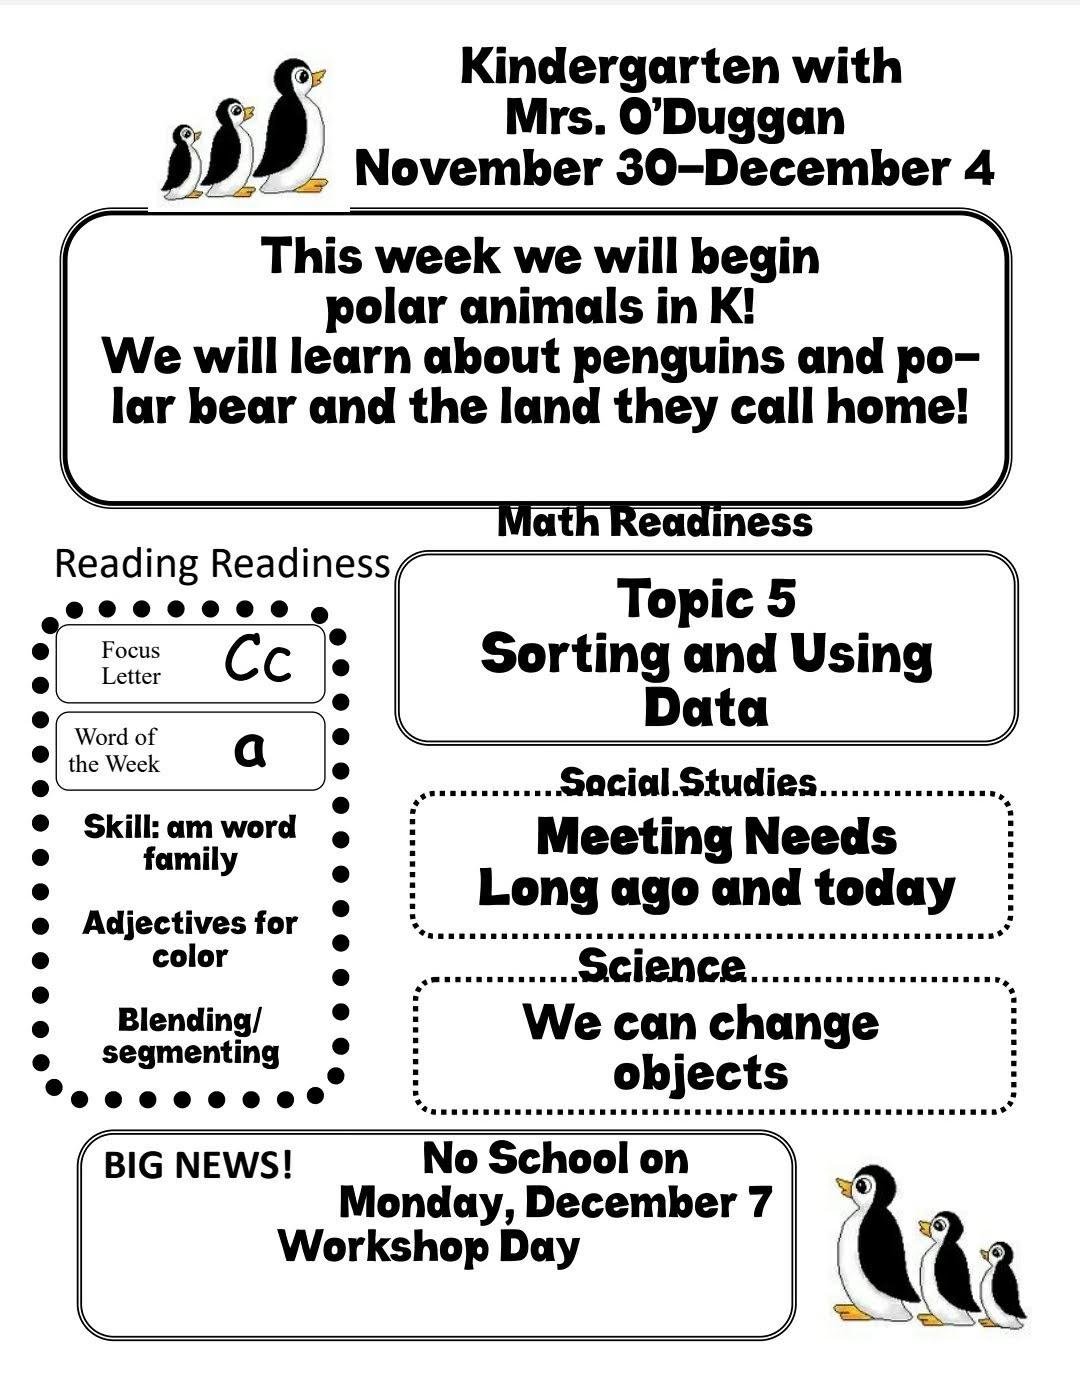 Mrs. O's Kindergarten and Family Blog: Newsletters 2020-2021